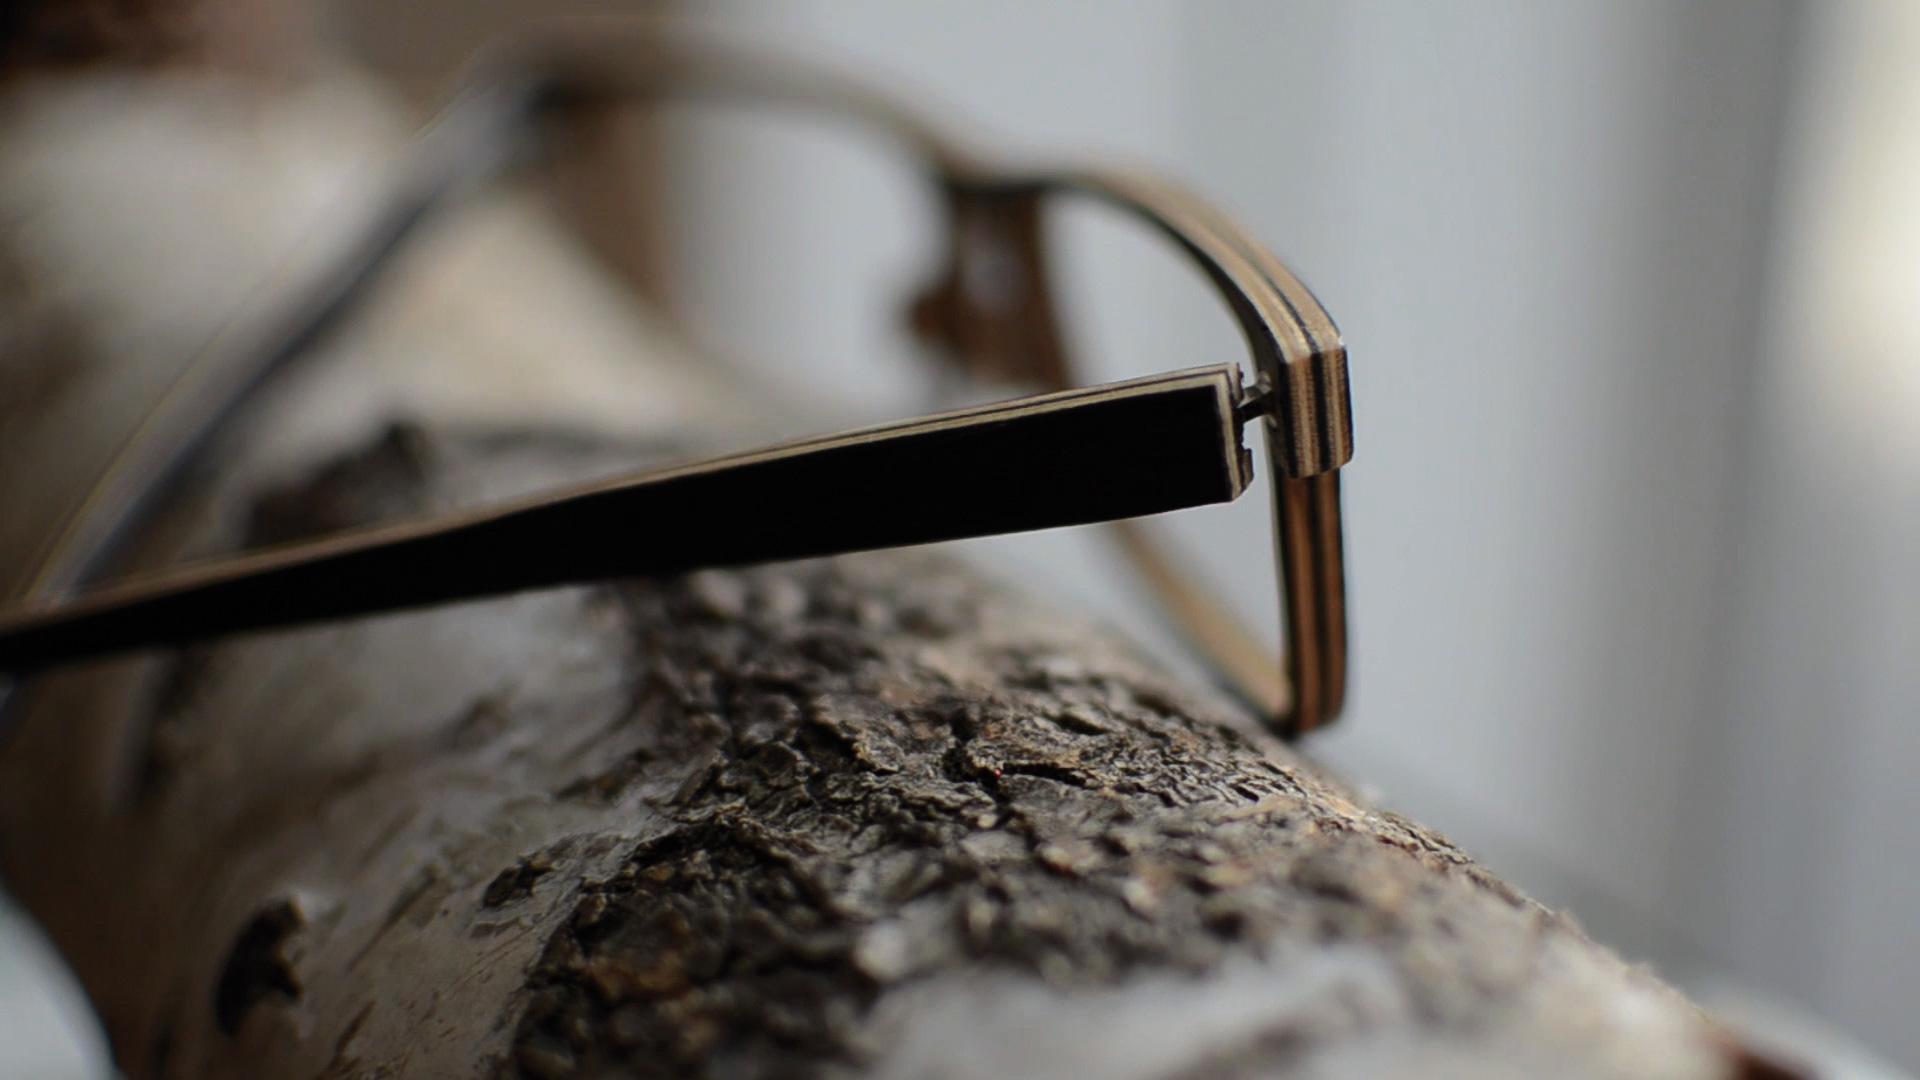 Oben: Nach Schleifen, Lackieren und Polieren: Die fertige Holzbrille.